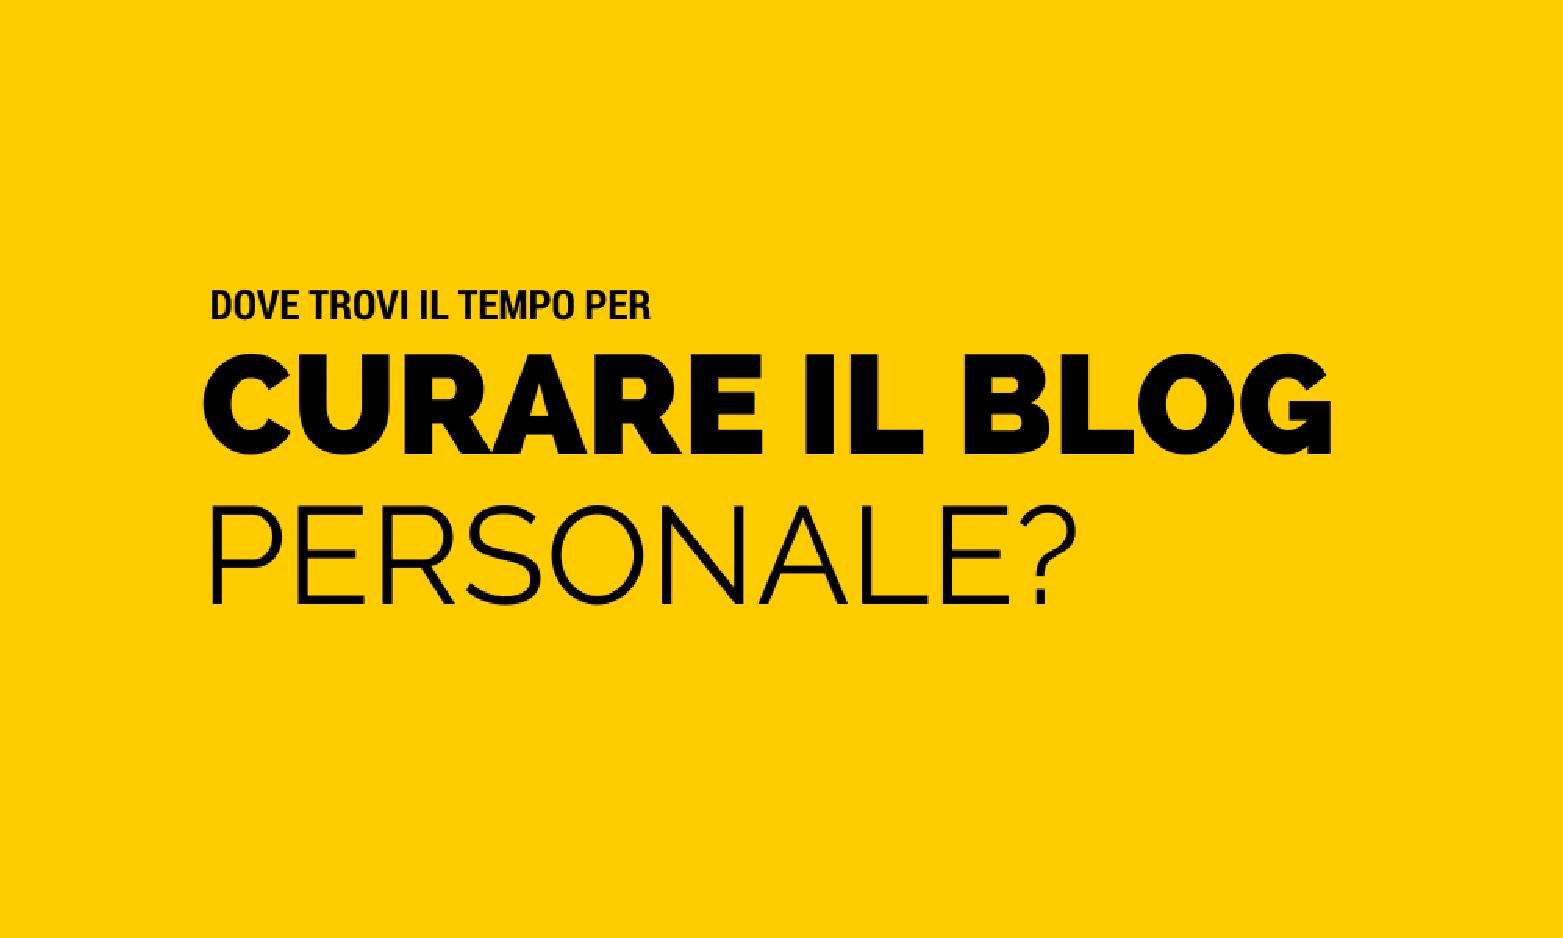 curare il blog personale